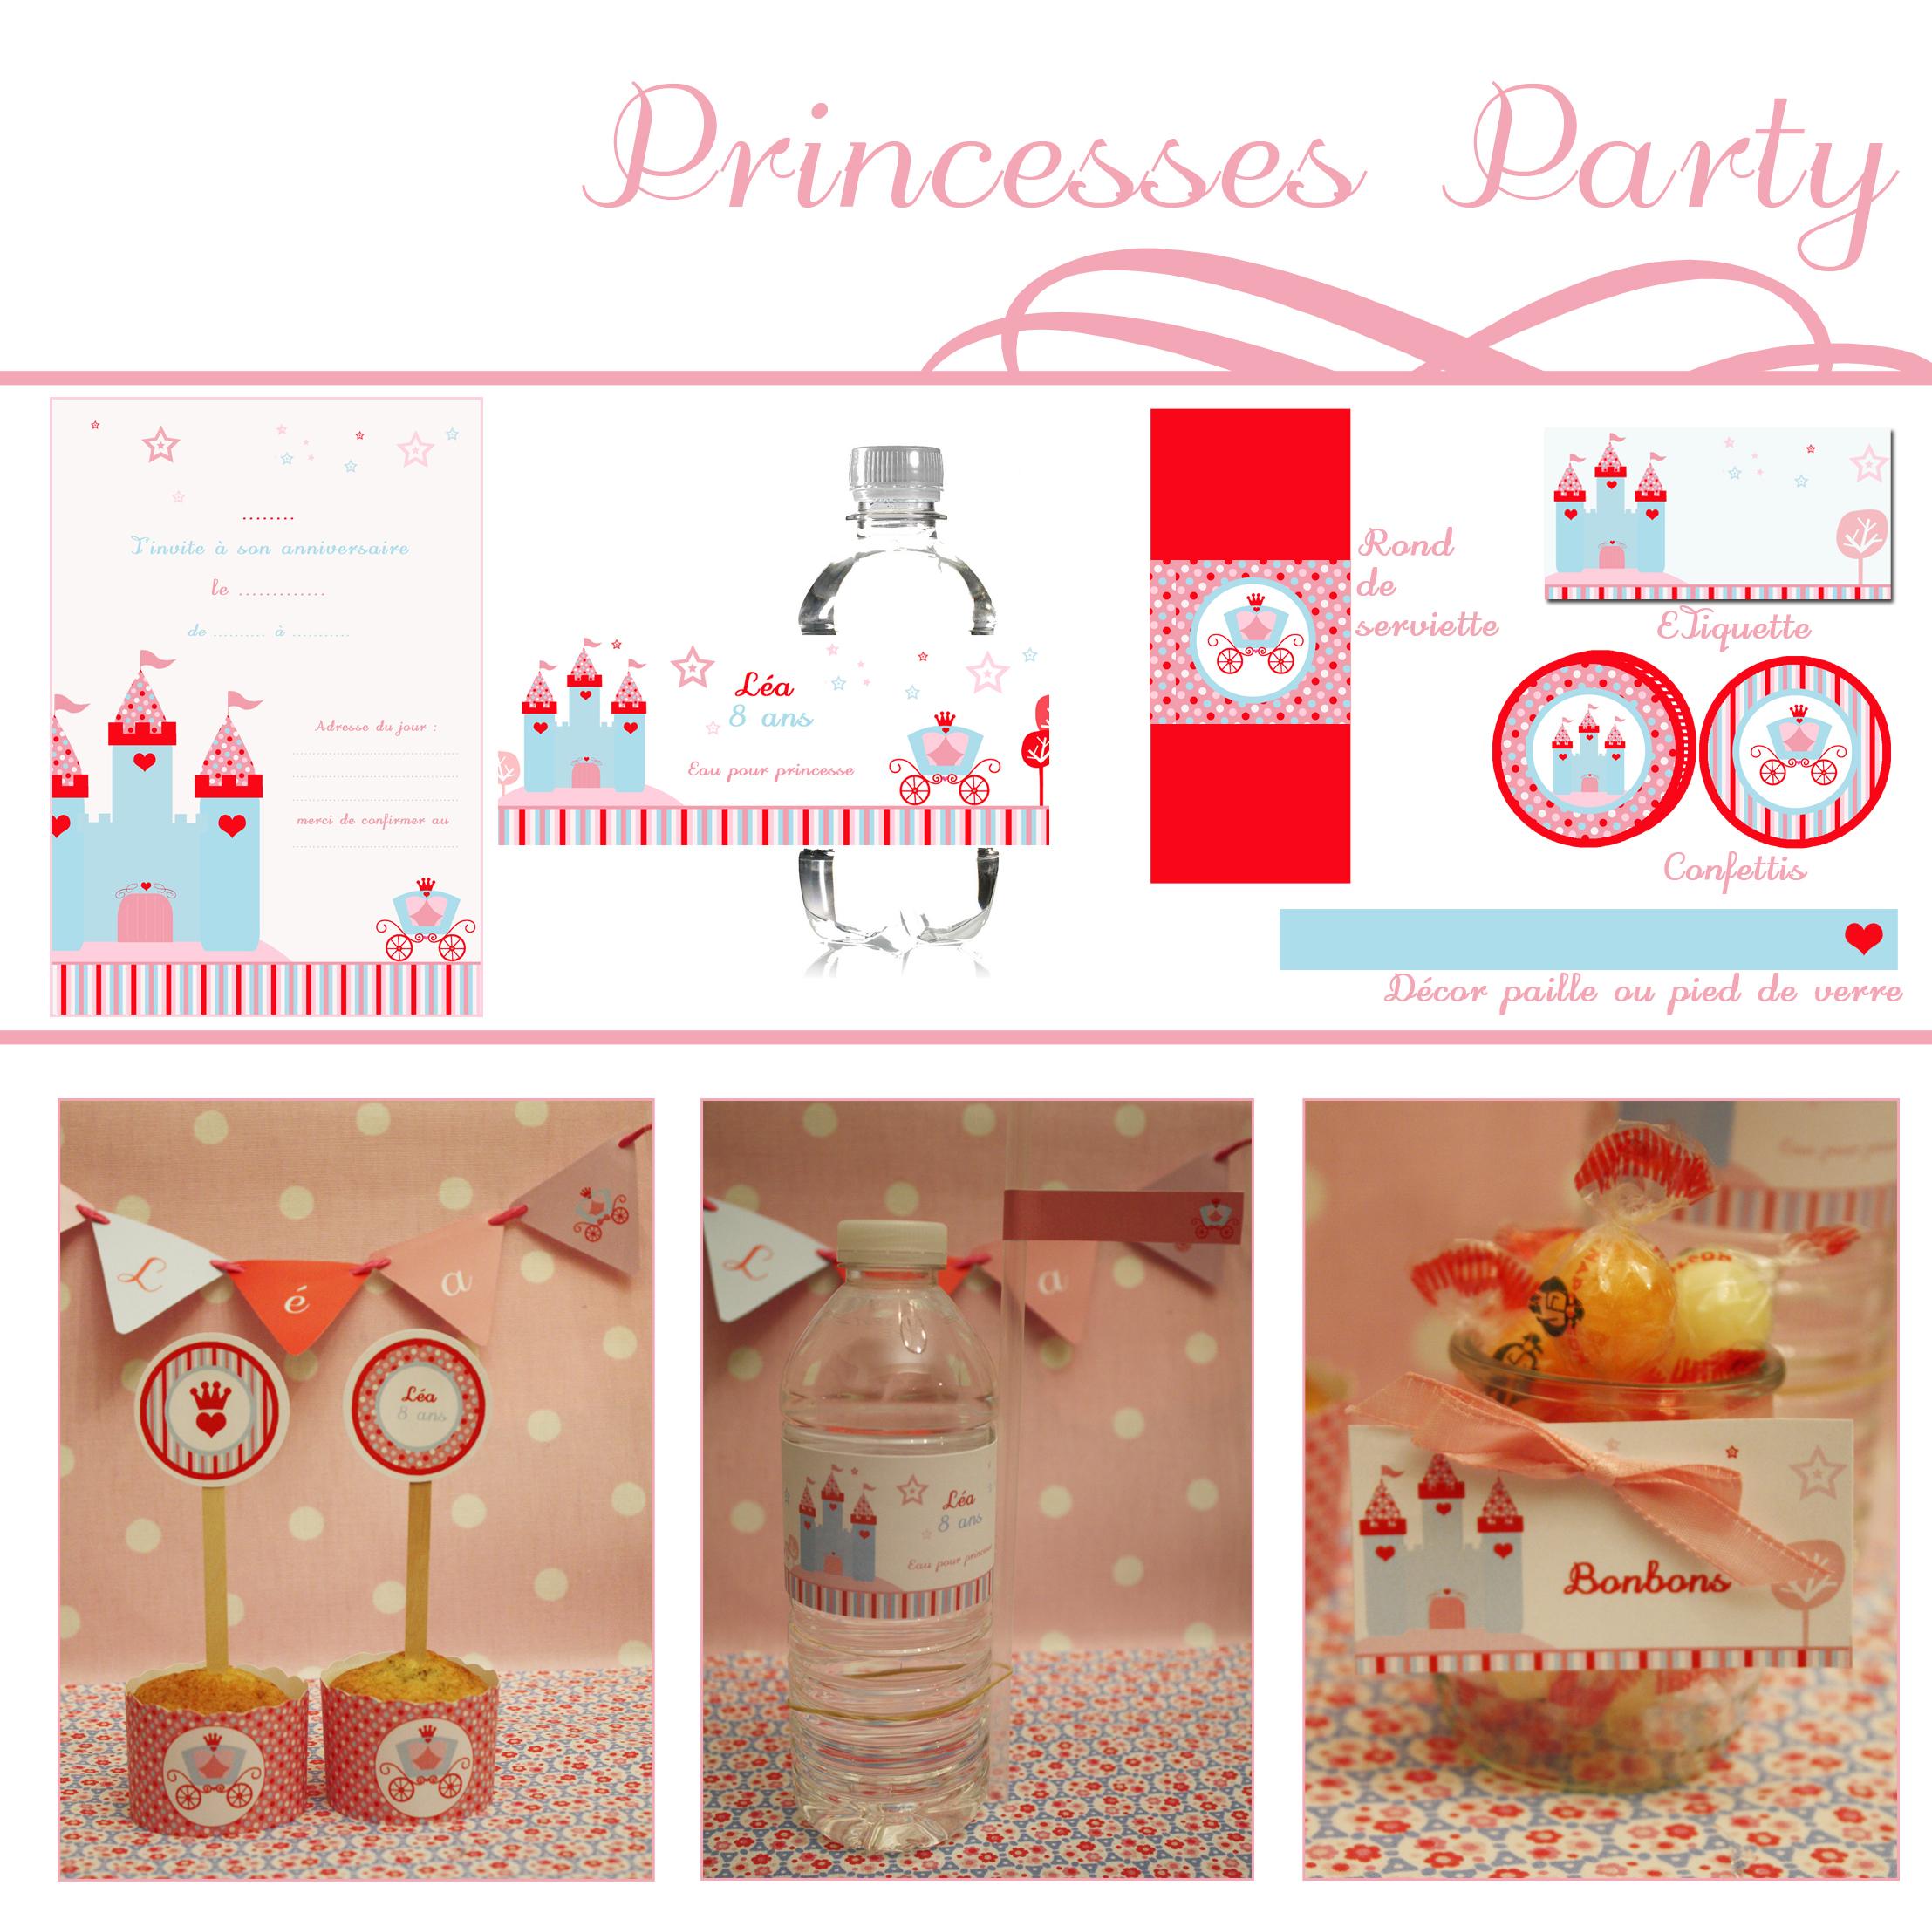 3-princesses-party-ok1